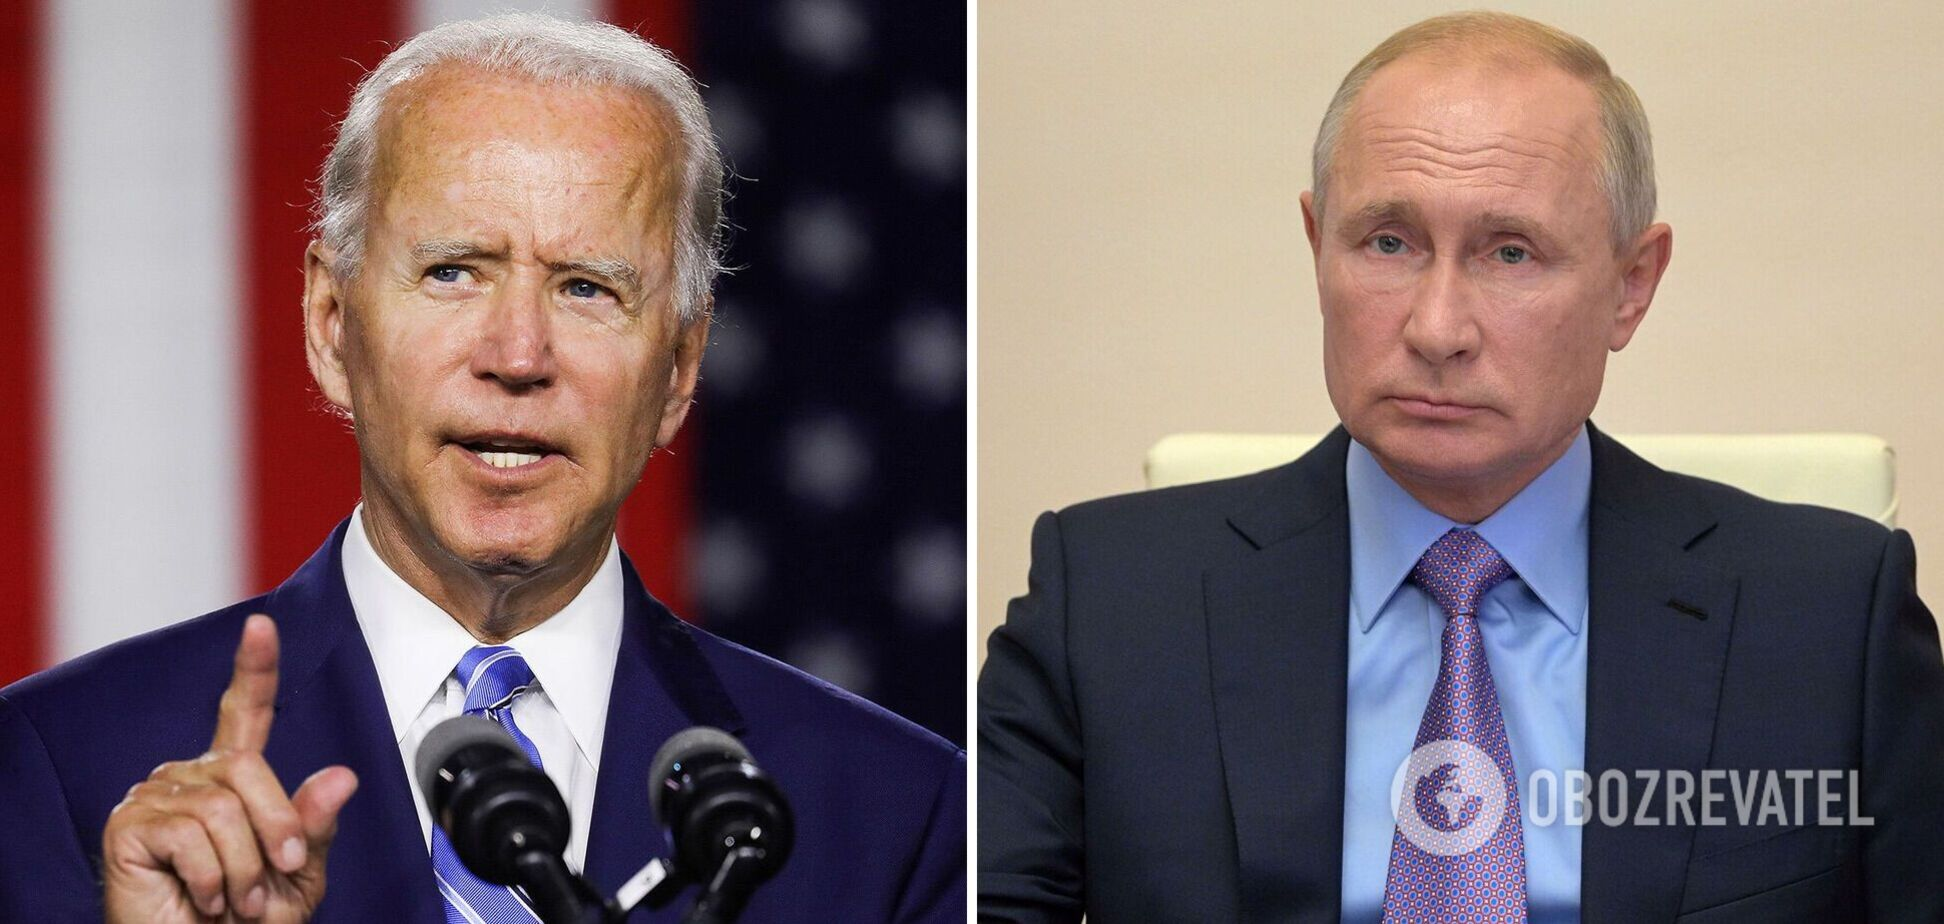 Байден может передать Путину 'жесткий сигнал': президент РФ также озвучил ожидания